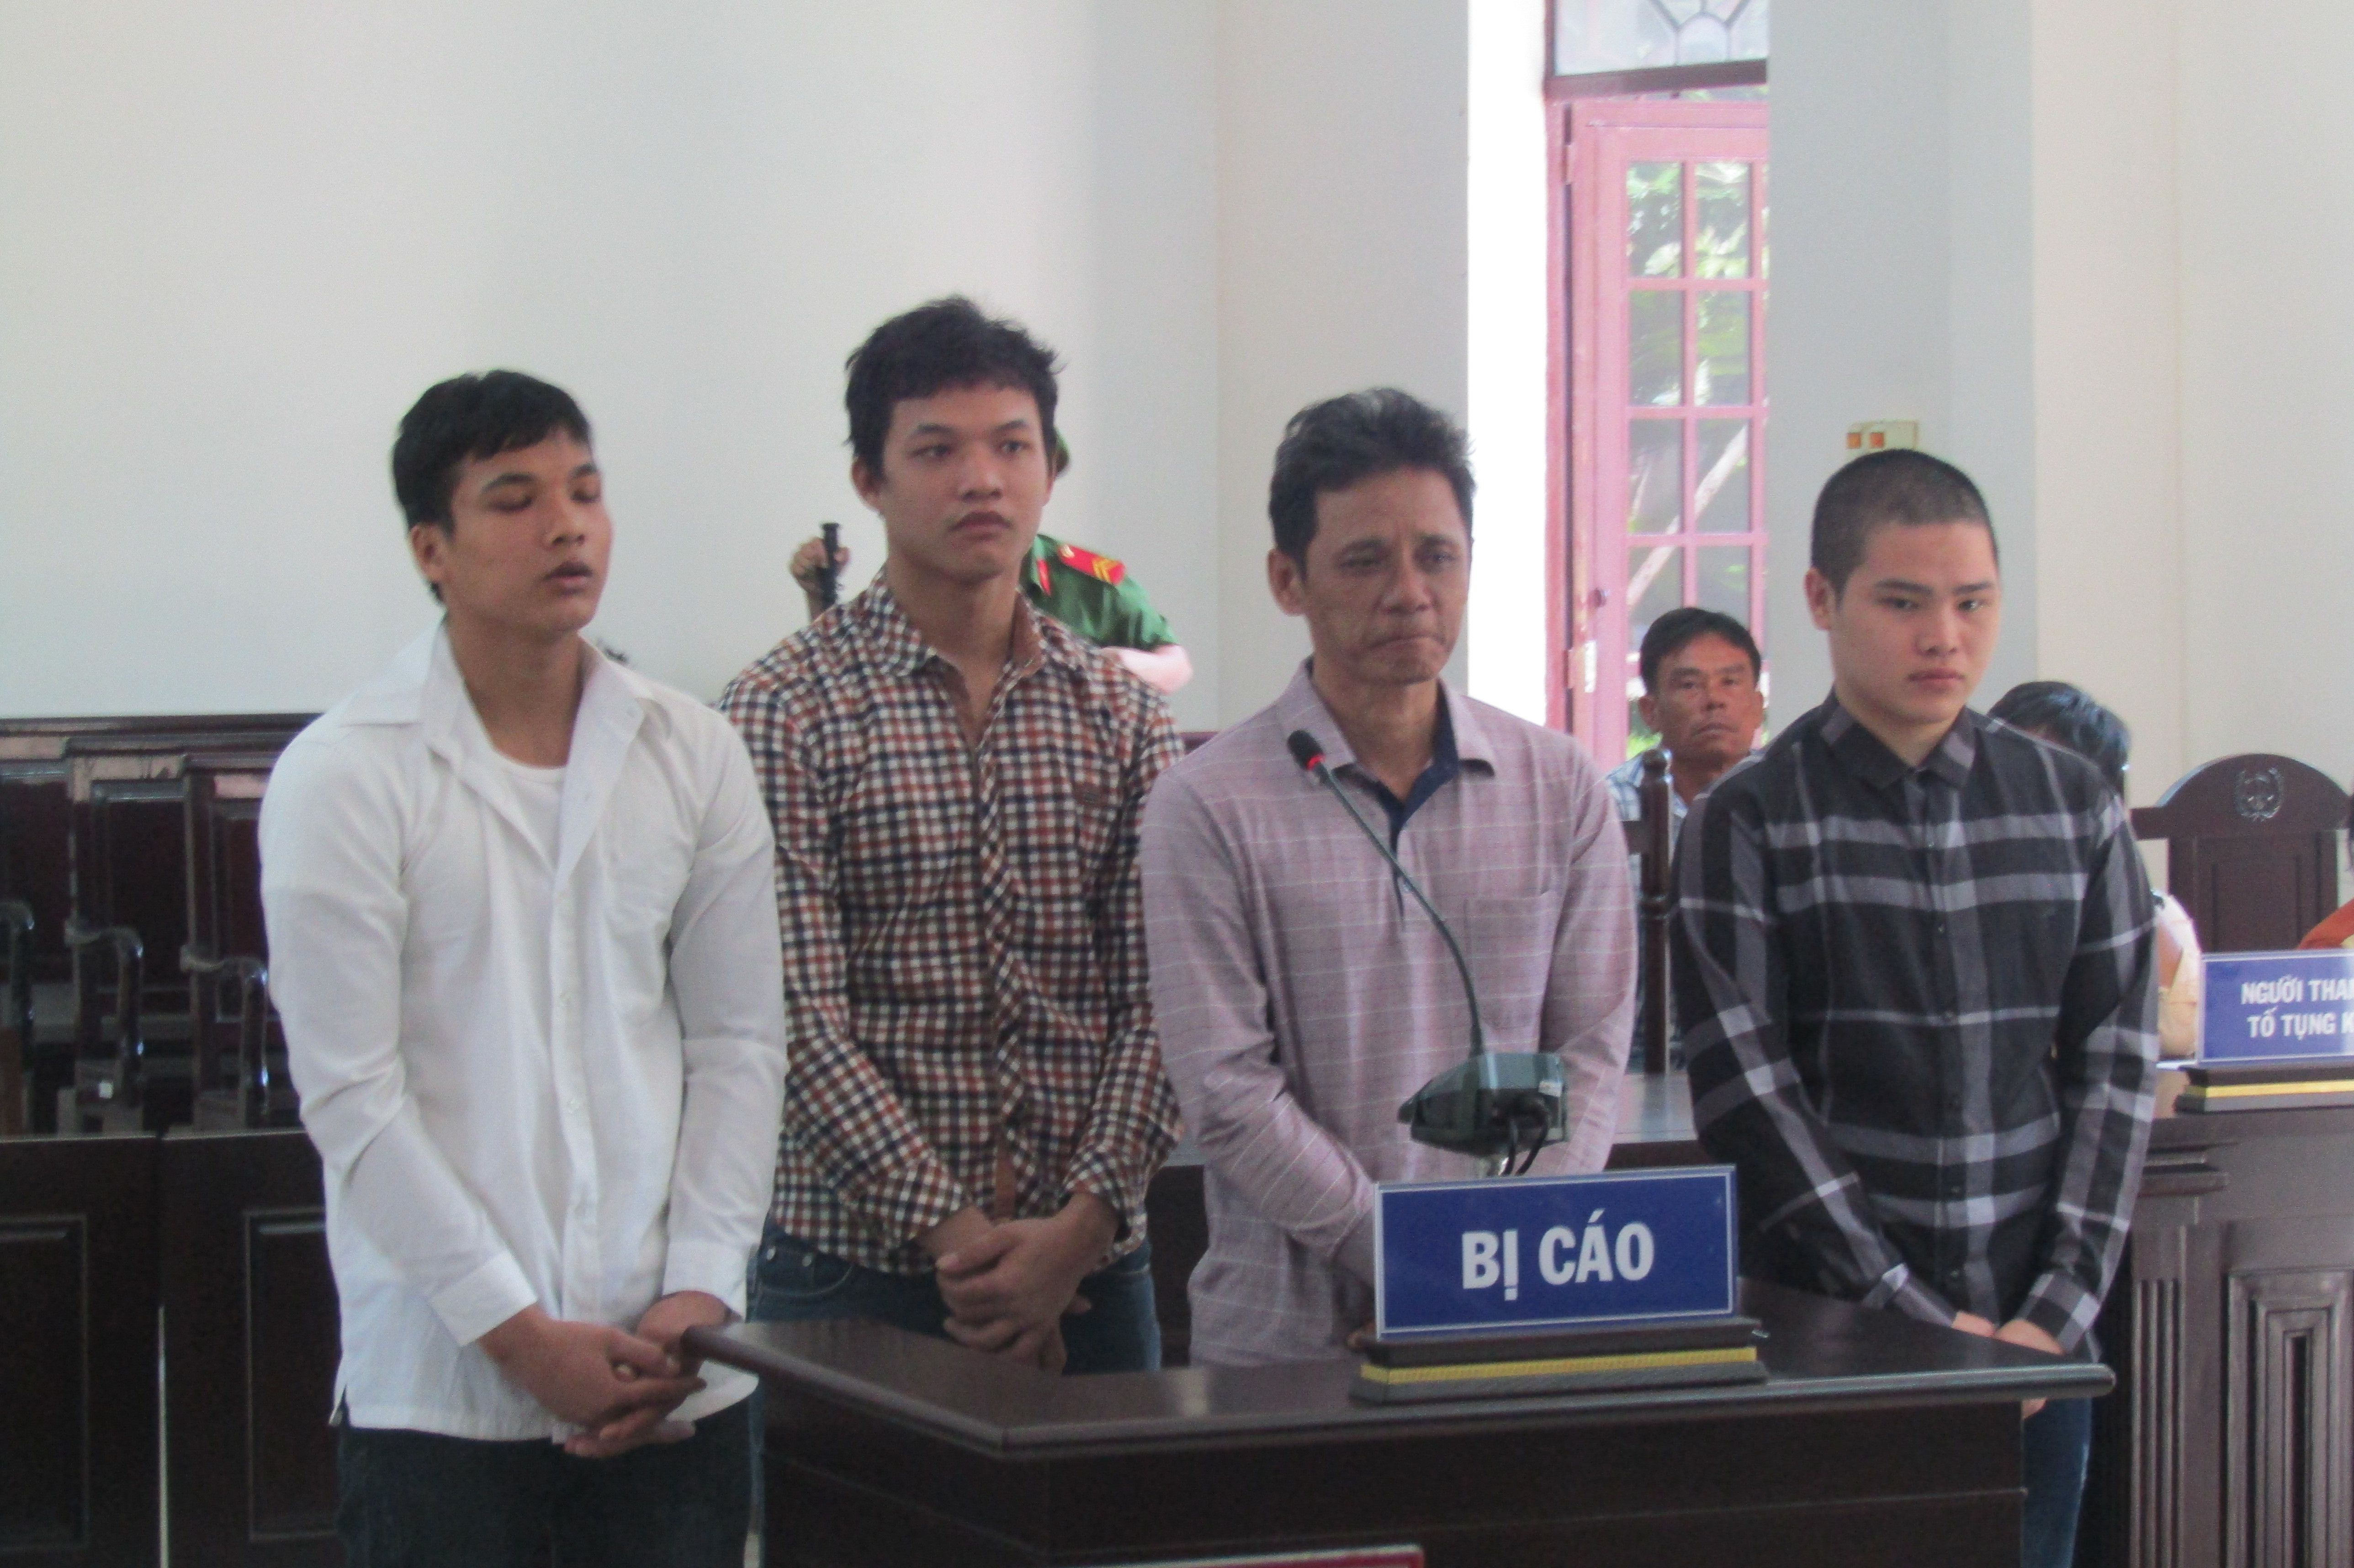 Giết người, 4 cha con trong một gia đình lãnh tổng cộng 51 năm tù Ảnh 1